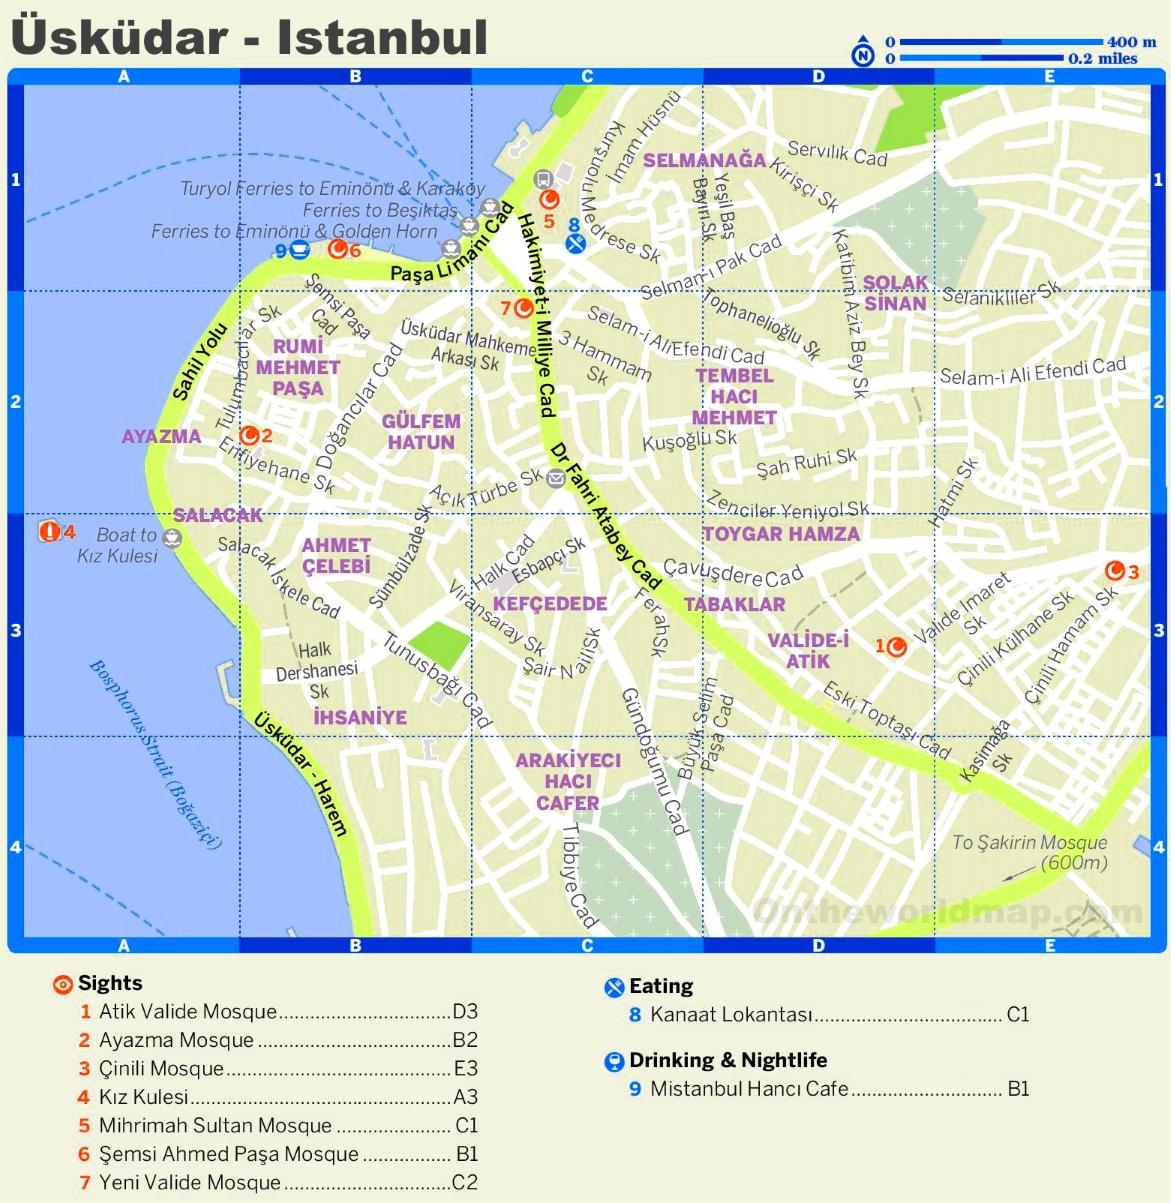 skdar tourist map